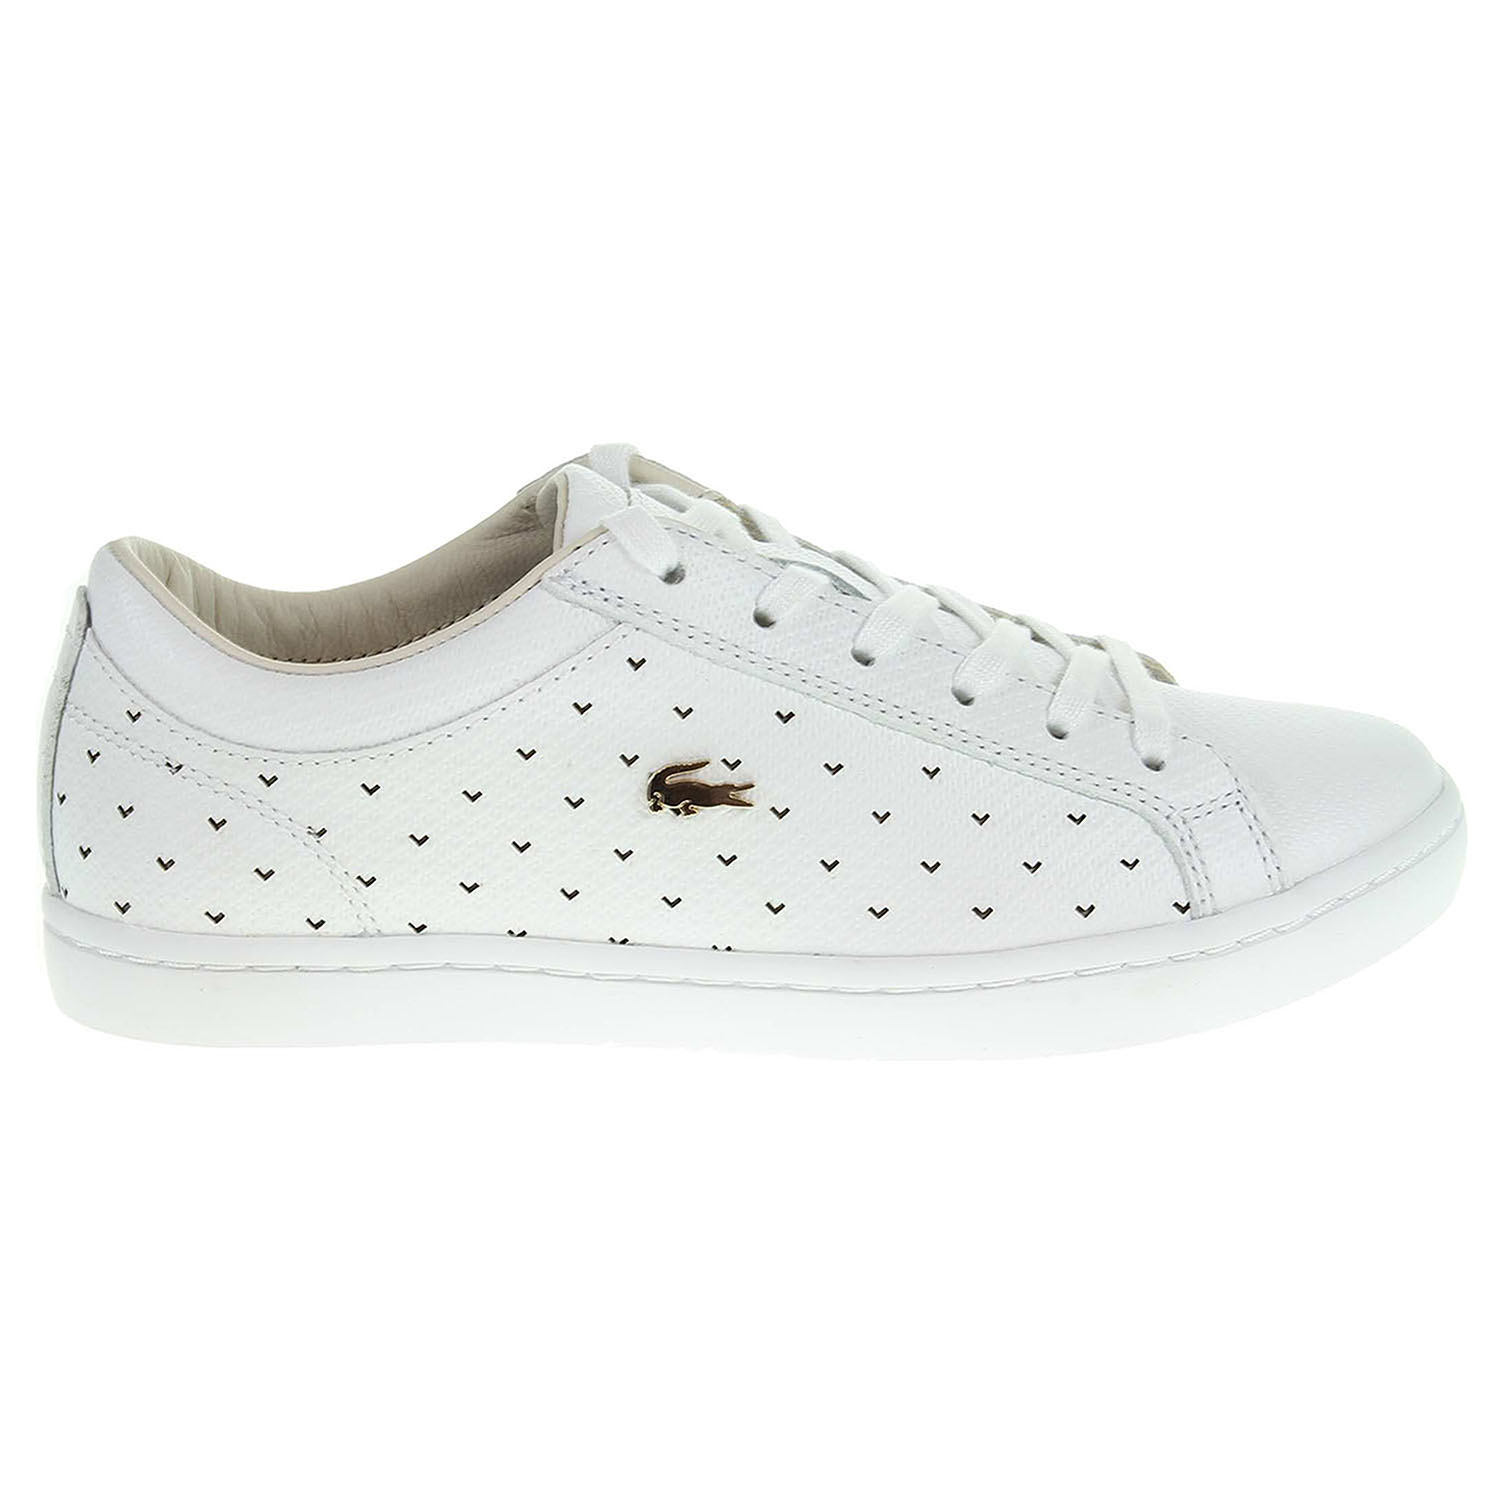 Lacoste Straightset dámská obuv bílá 41